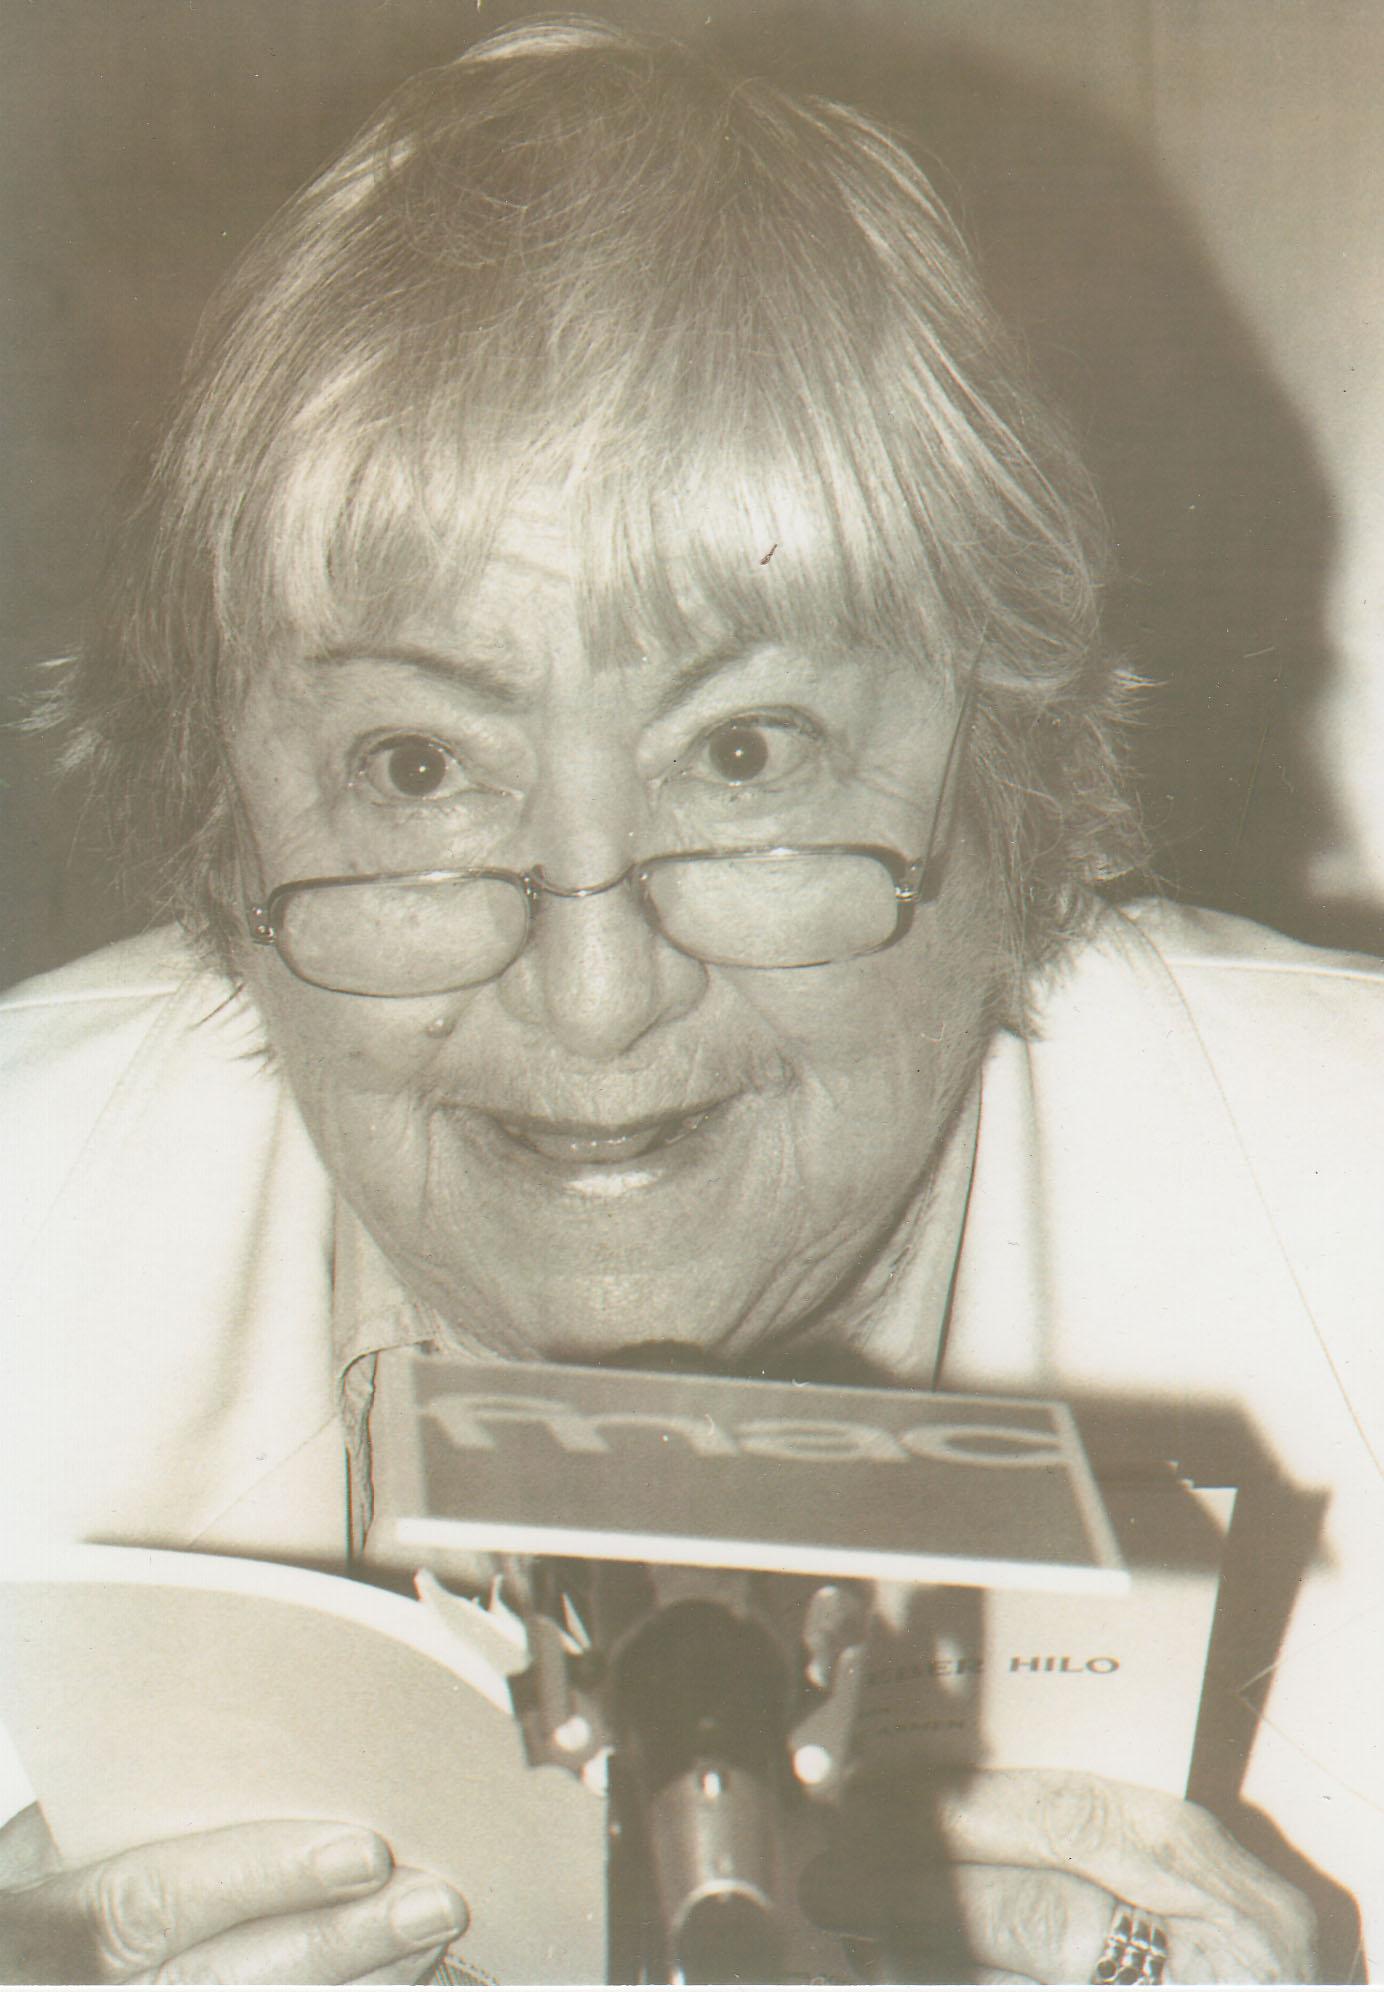 Gloria Fuertes leyendo Aconsejo beber hilo, en 1996